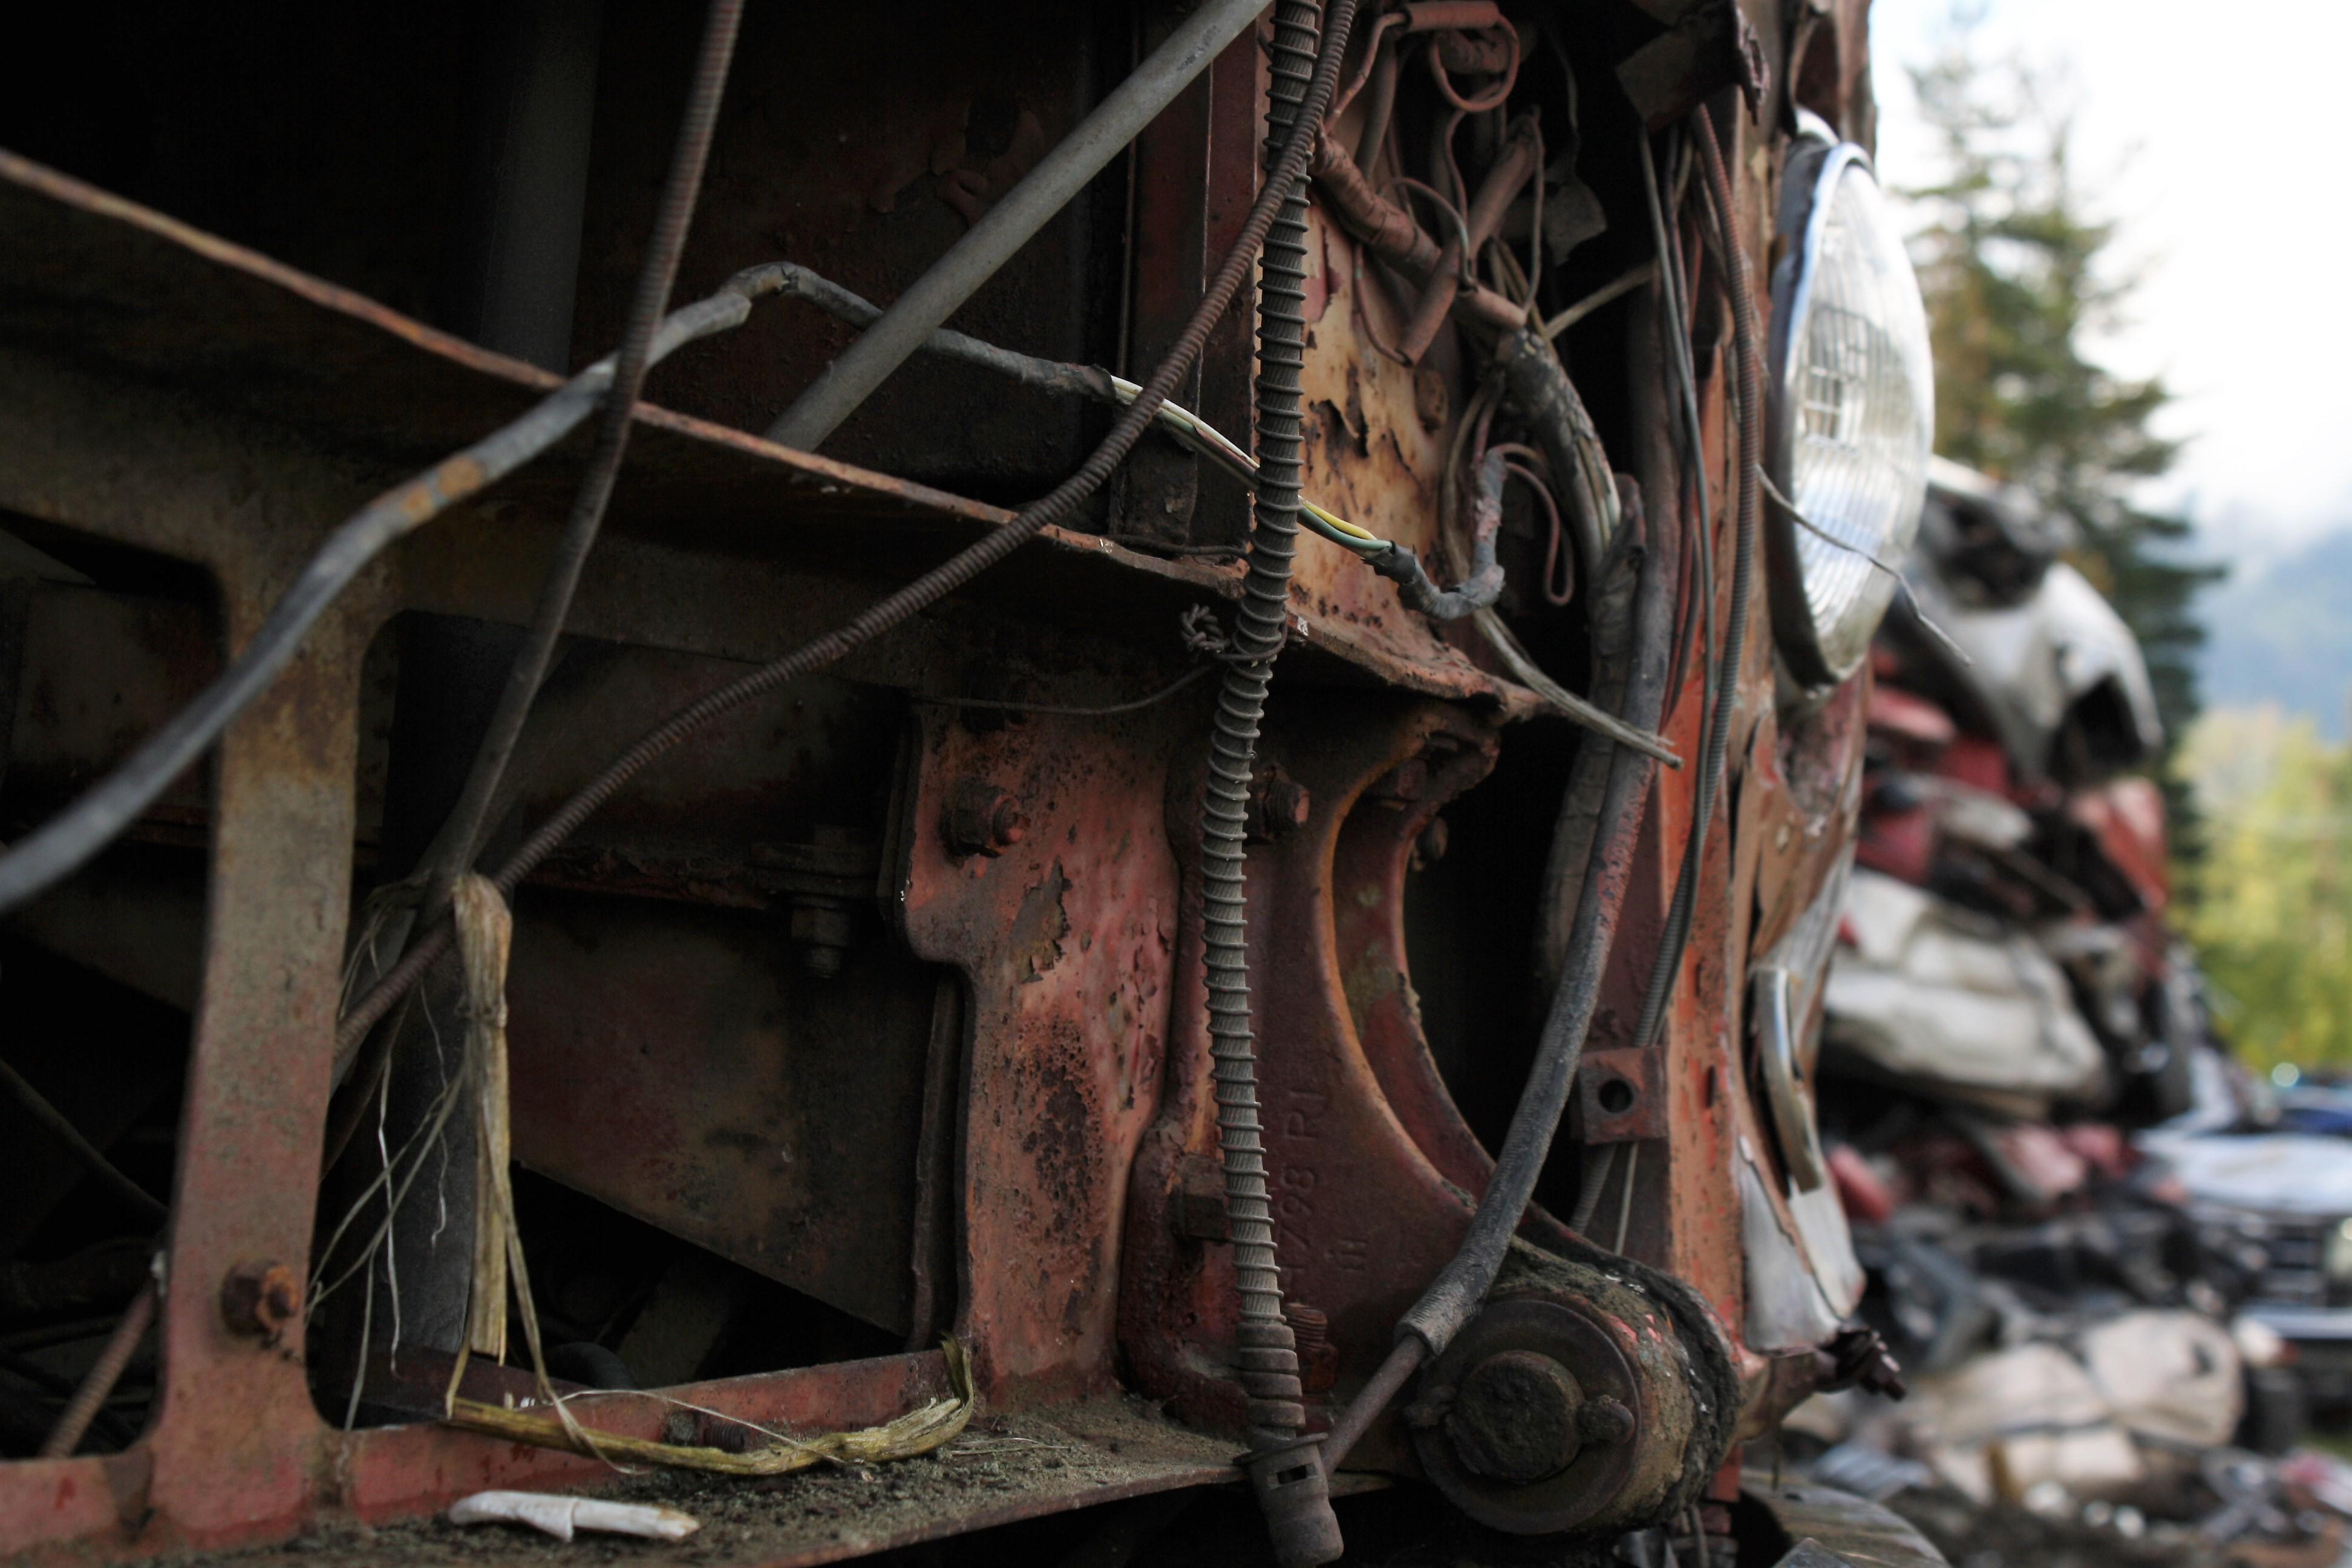 DM_vehicles_carwreckin_7543